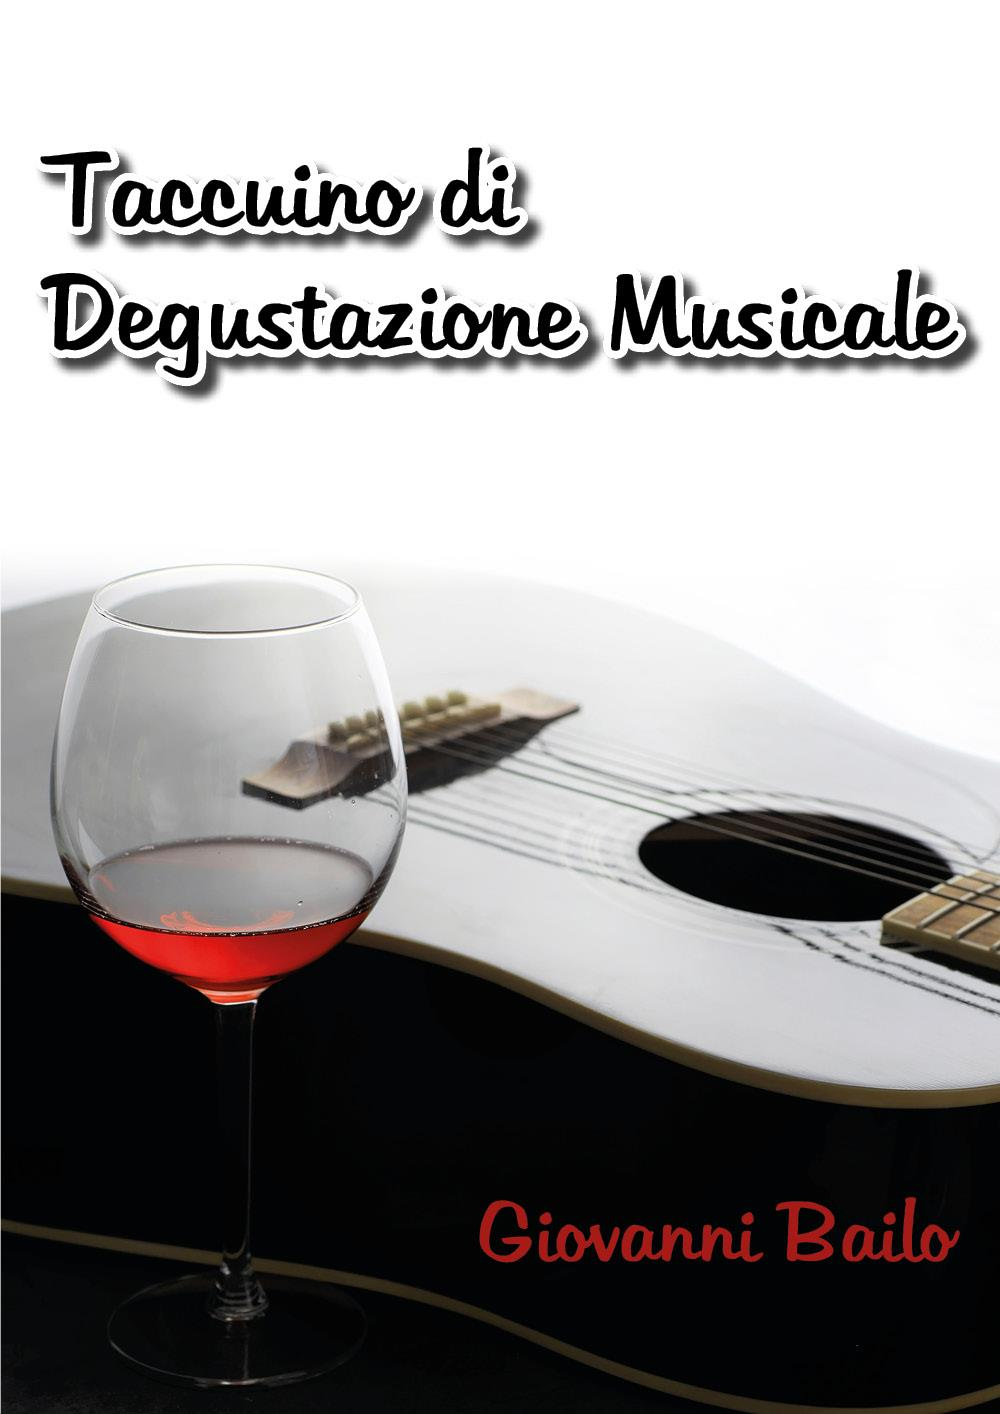 Taccuino di Degustazione Musicale